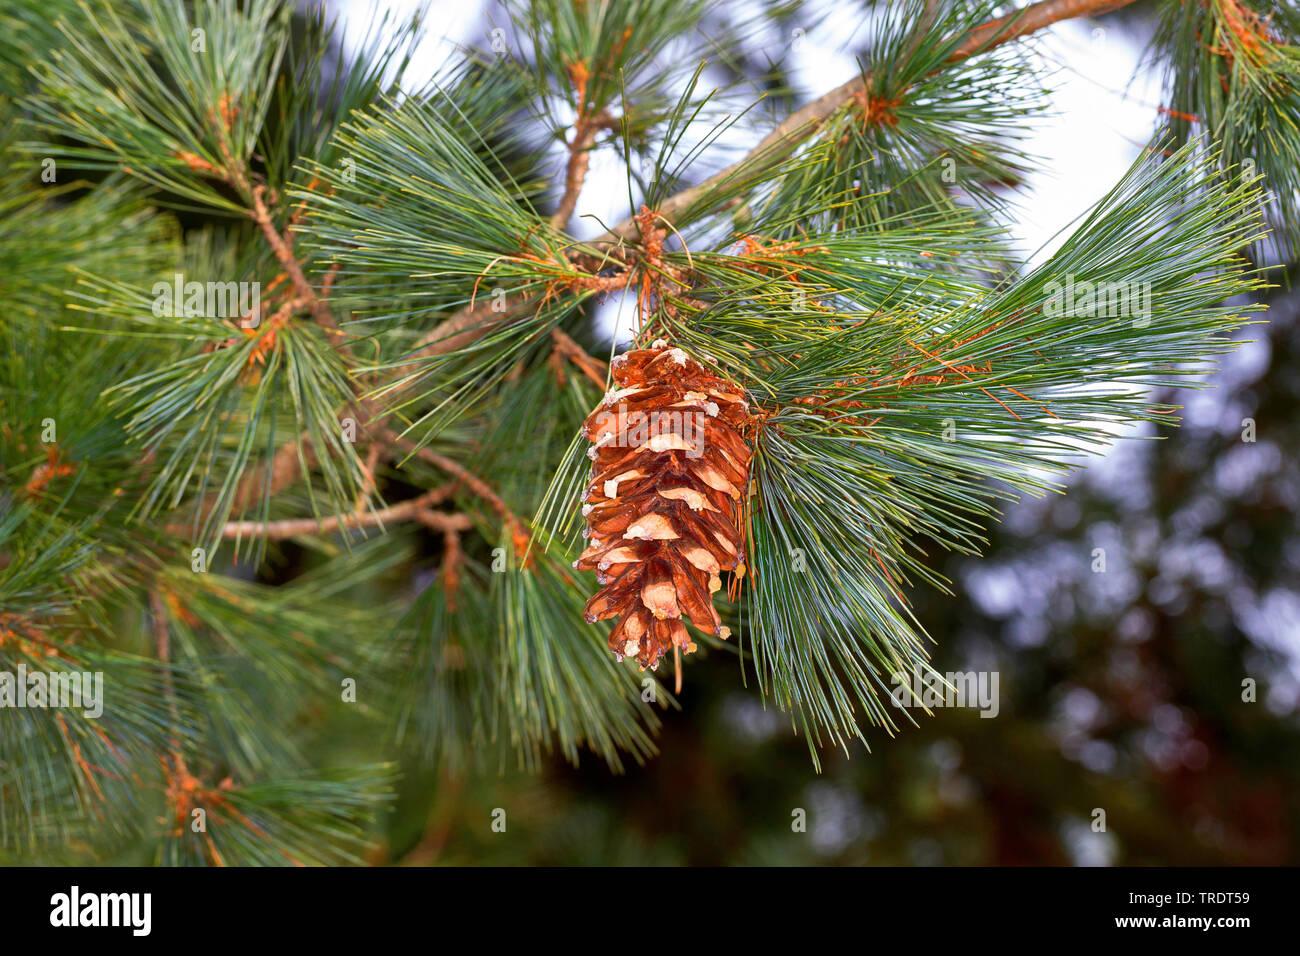 Rumelische Kiefer, Rumelische Strobe, Mazedonische Kiefer (Pinus peuce), Zweig mit Zapfen | Macedonian pine,  Balkan pine (Pinus peuce), branch with c - Stock Image